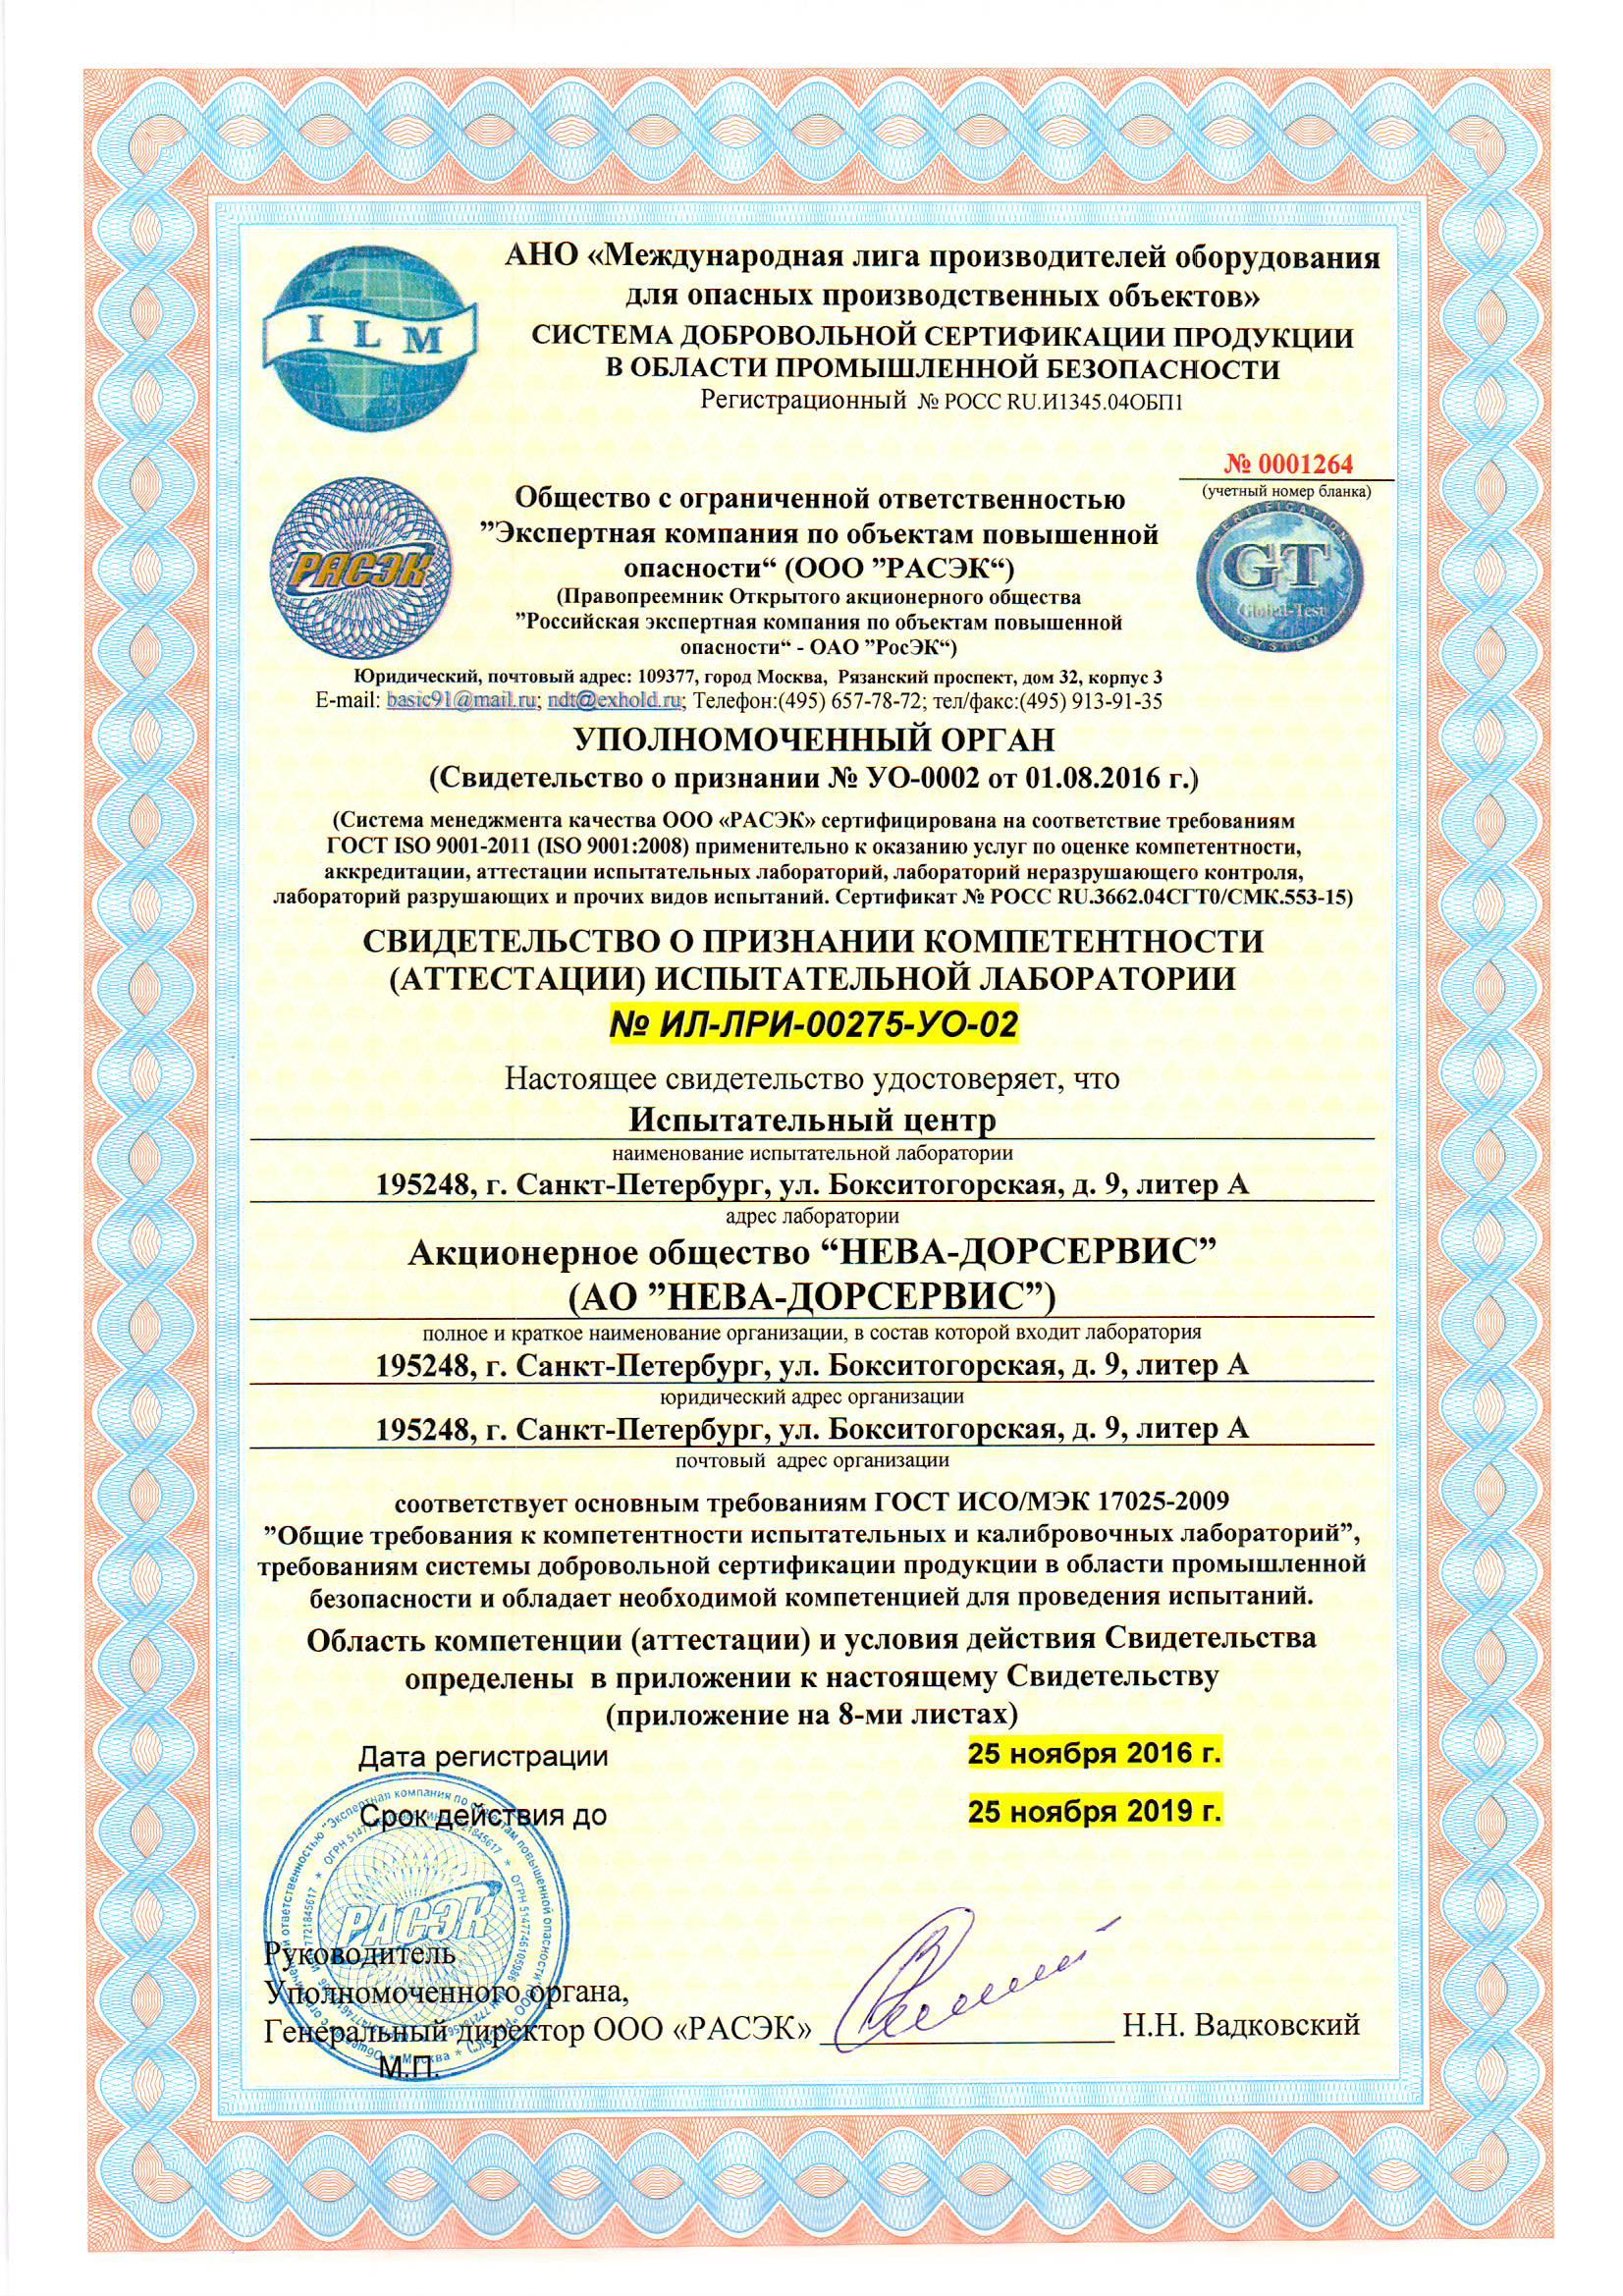 акпп Москве, проблемы в области аттестации испытательного оборудования Хаим